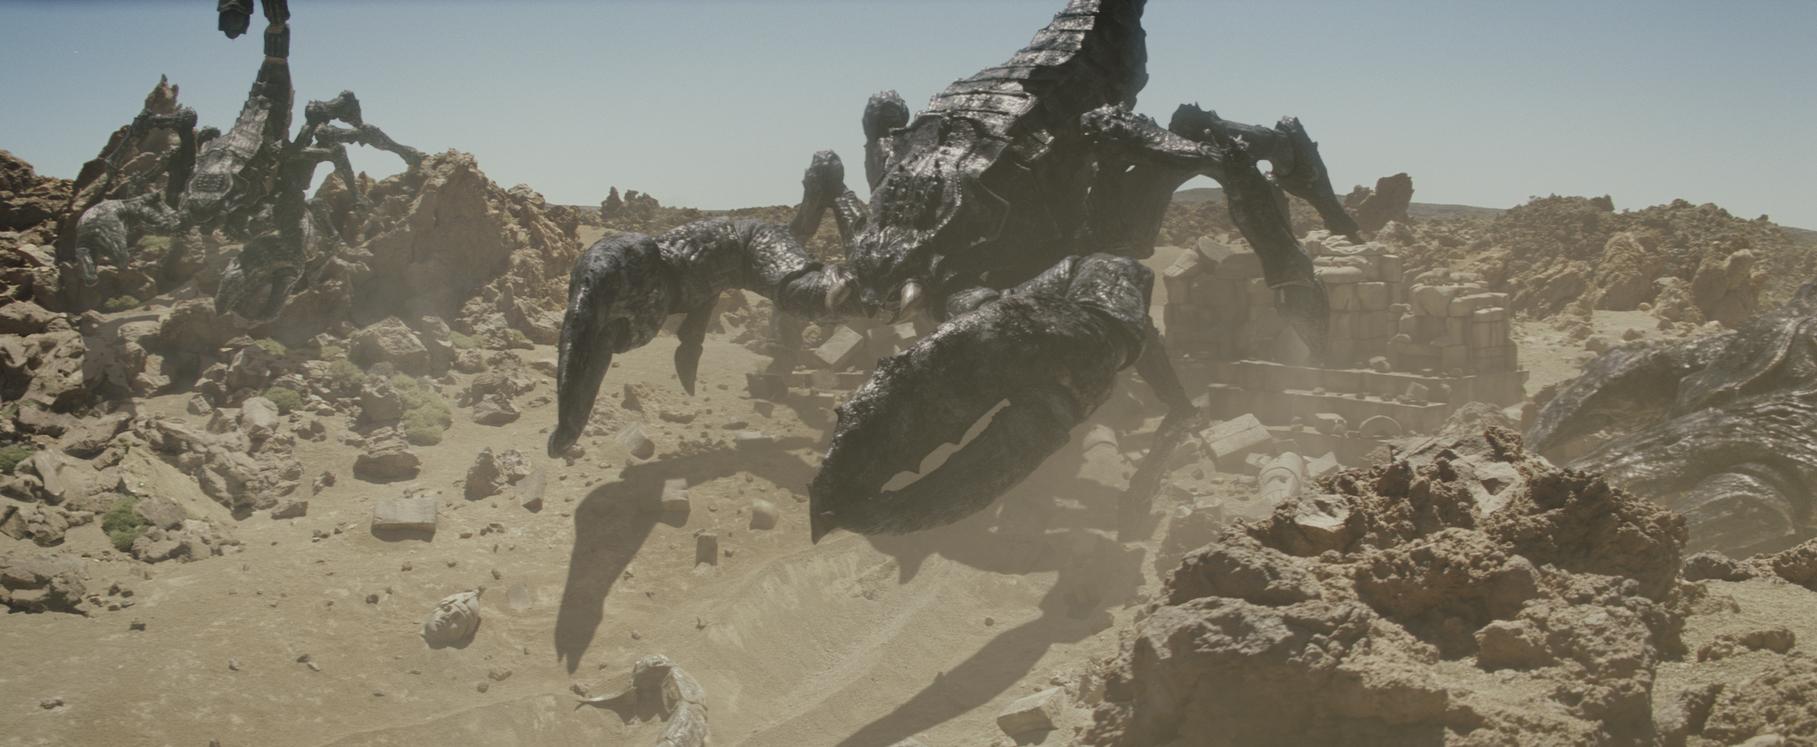 Cinesite - Clash of the Titans   SideFX